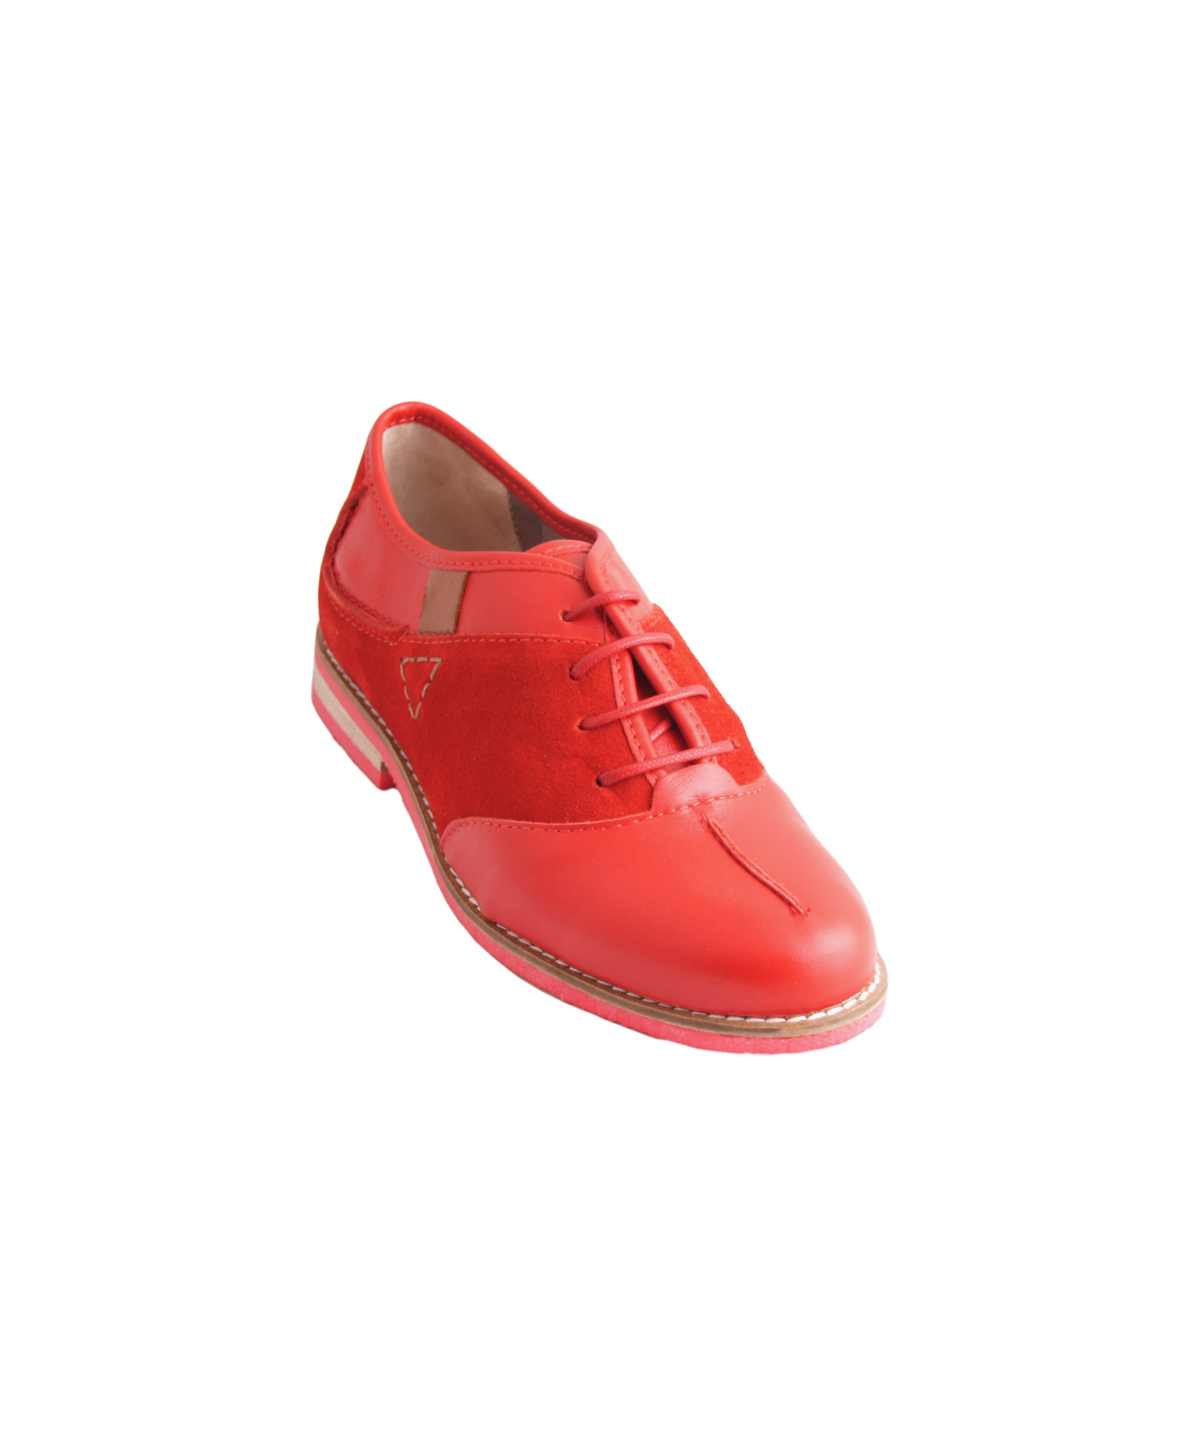 cd56d66e8a7 Дамски обувки естествена кожа 08-190-2 ≫ ТОП цена | Annamoda.eu